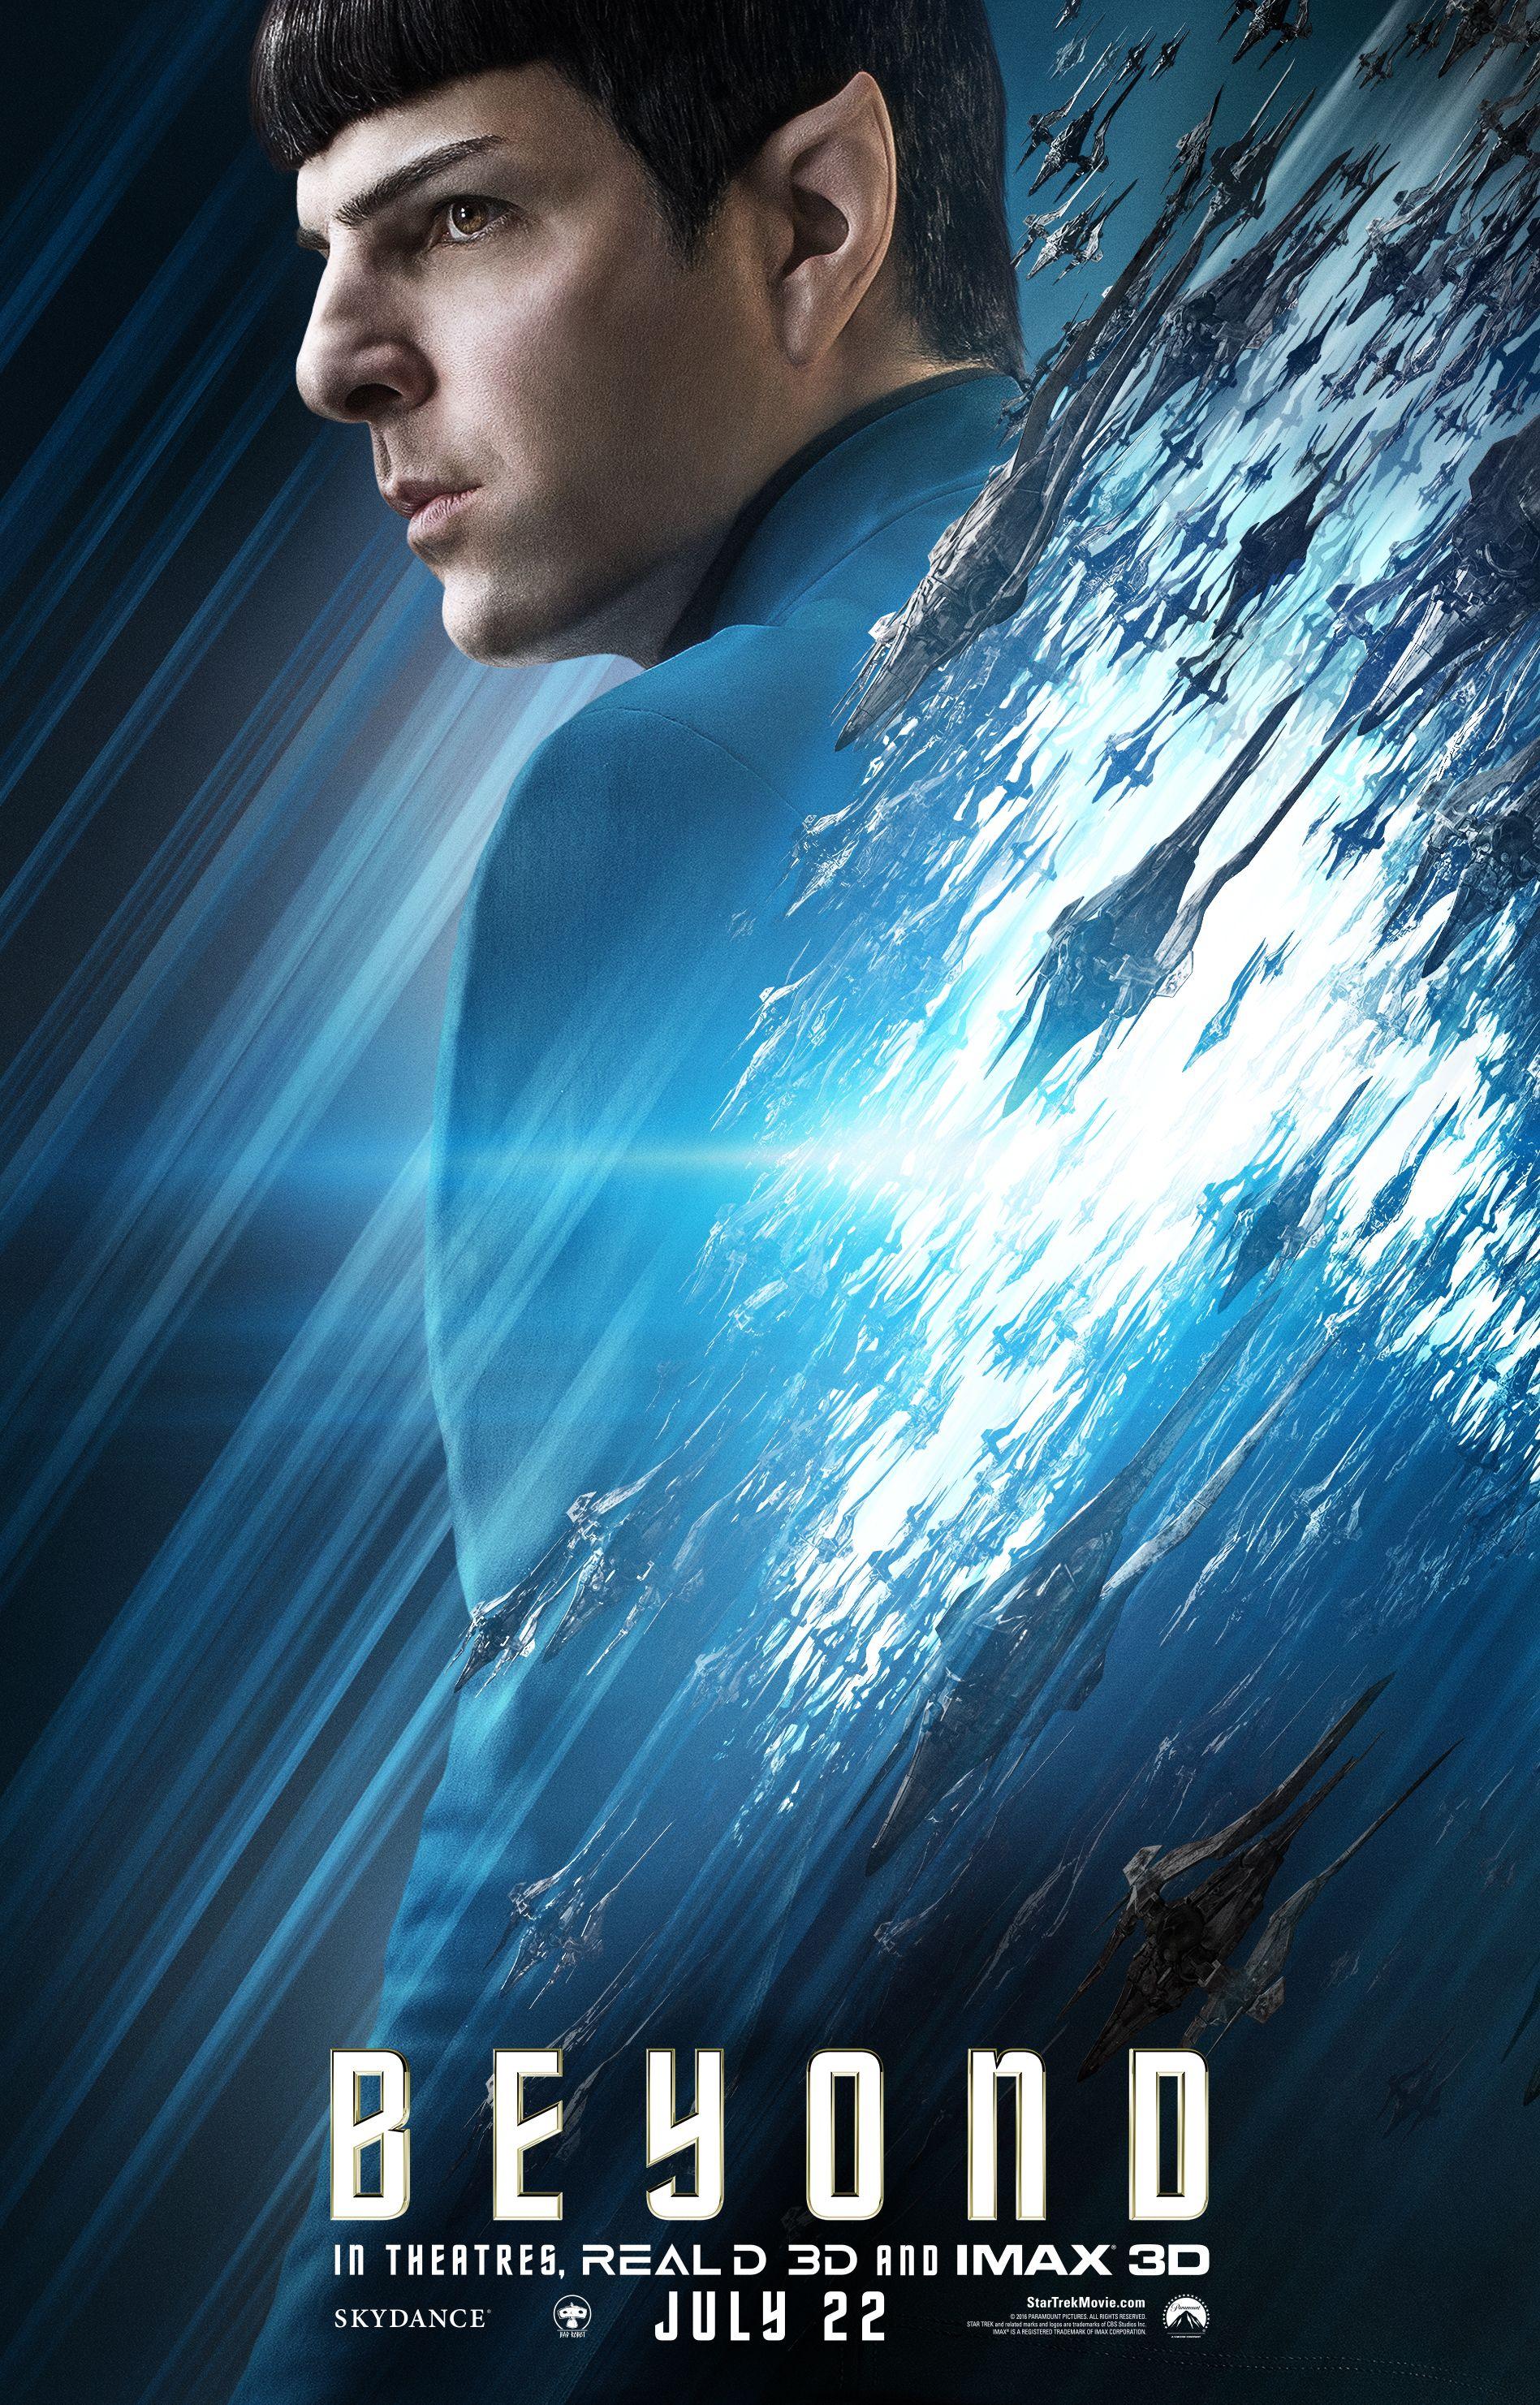 http://cdn.collider.com/wp-content/uploads/2016/05/star-trek-beyond-poster-spock.jpg